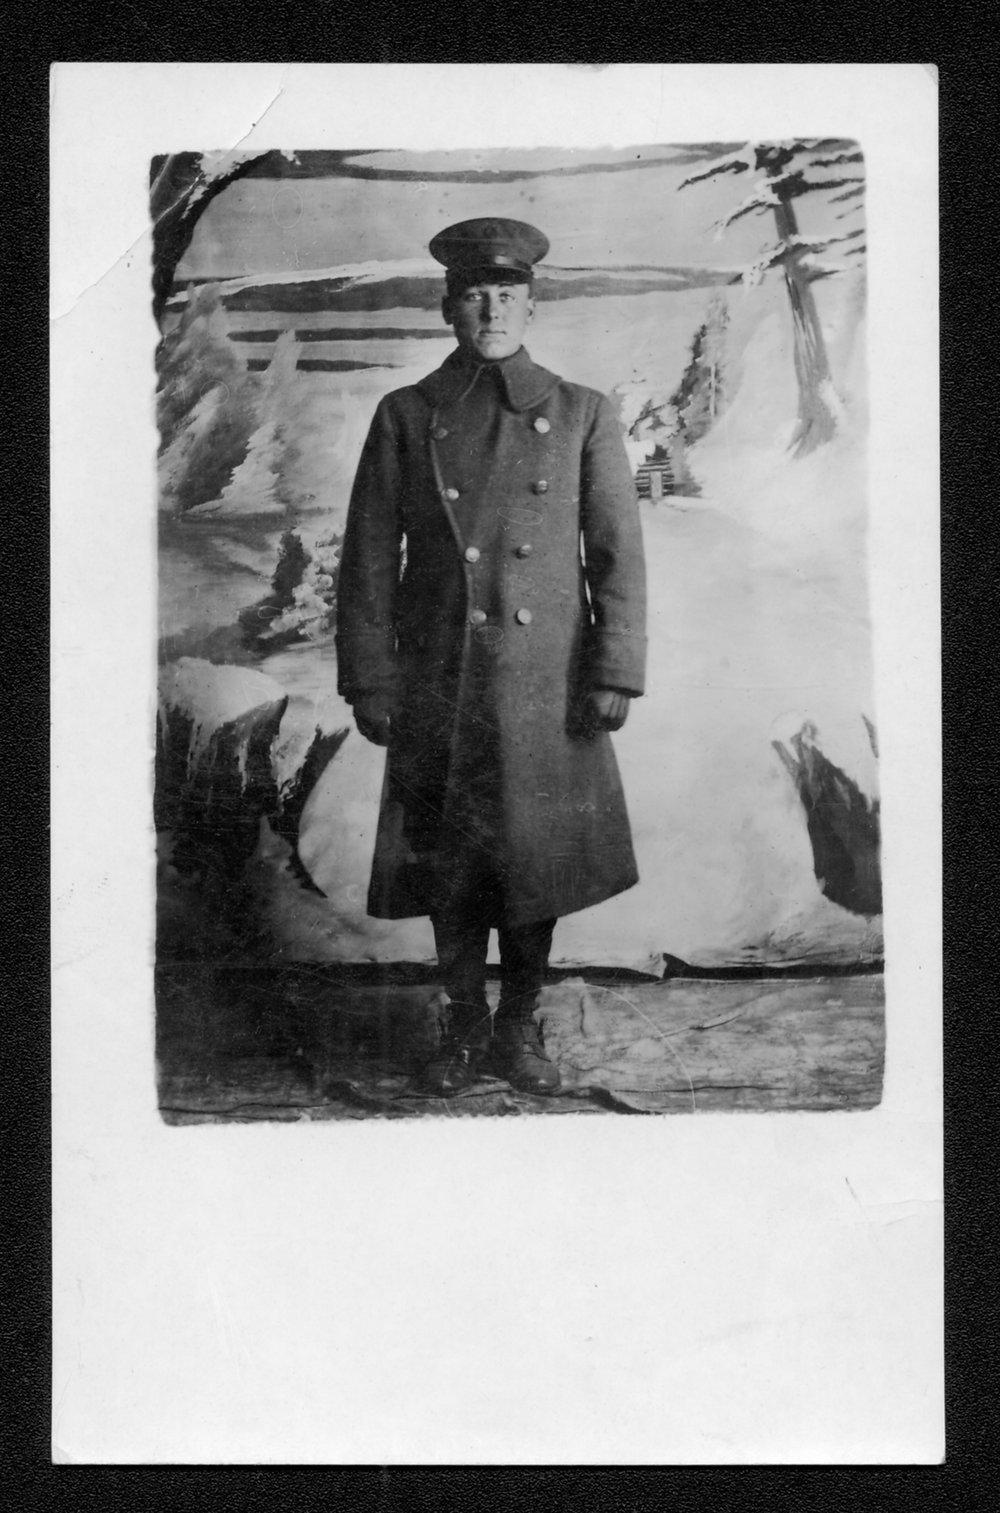 Joseph R. Sargeant, World War I soldier - 1